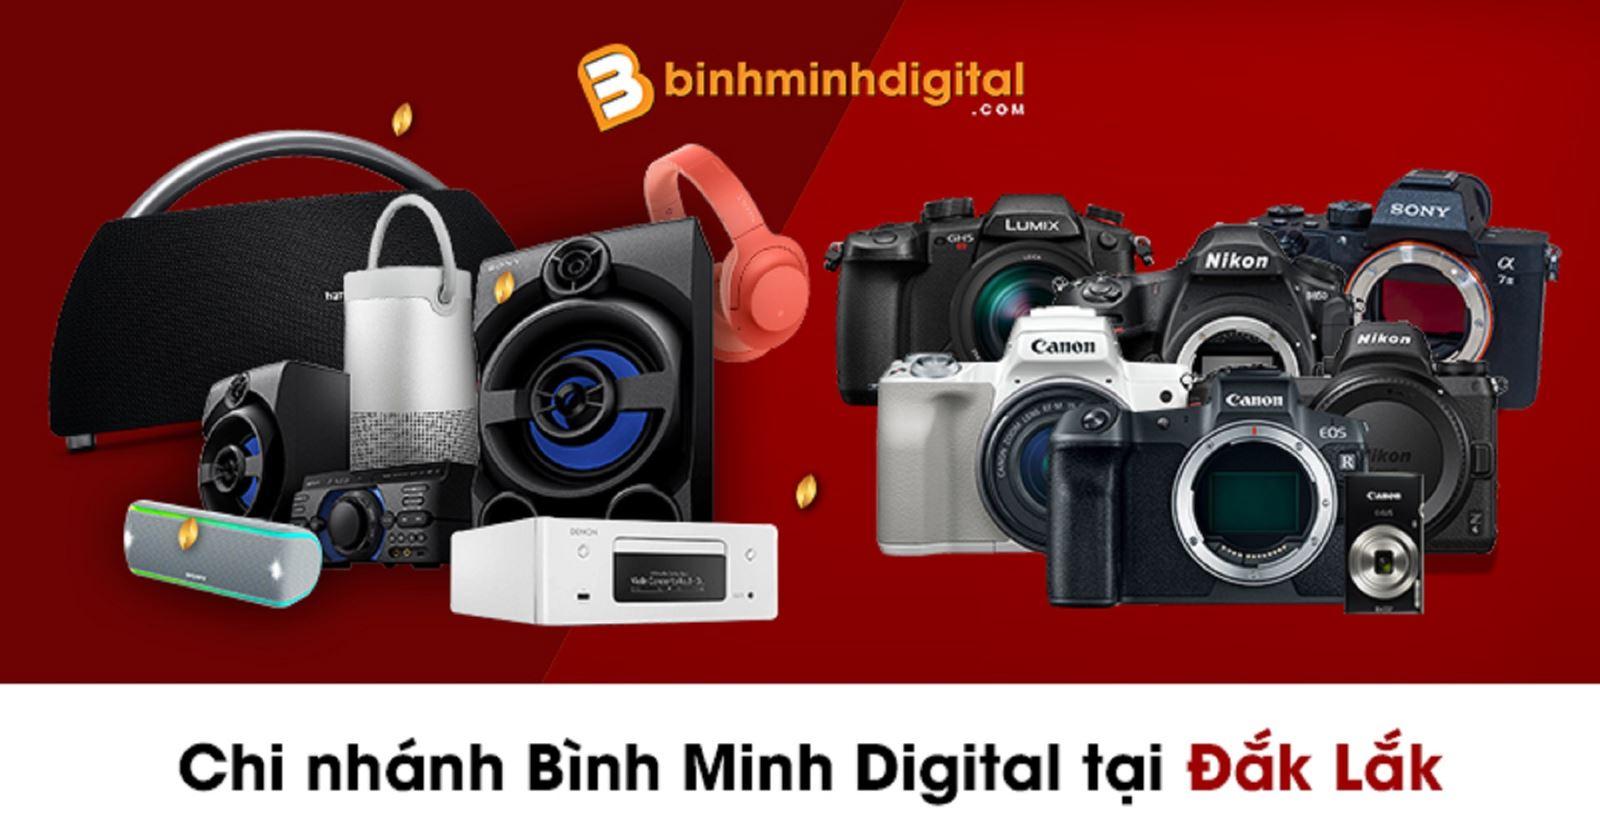 Chi nhánh Bình Minh Digital tại Đắk Lắk